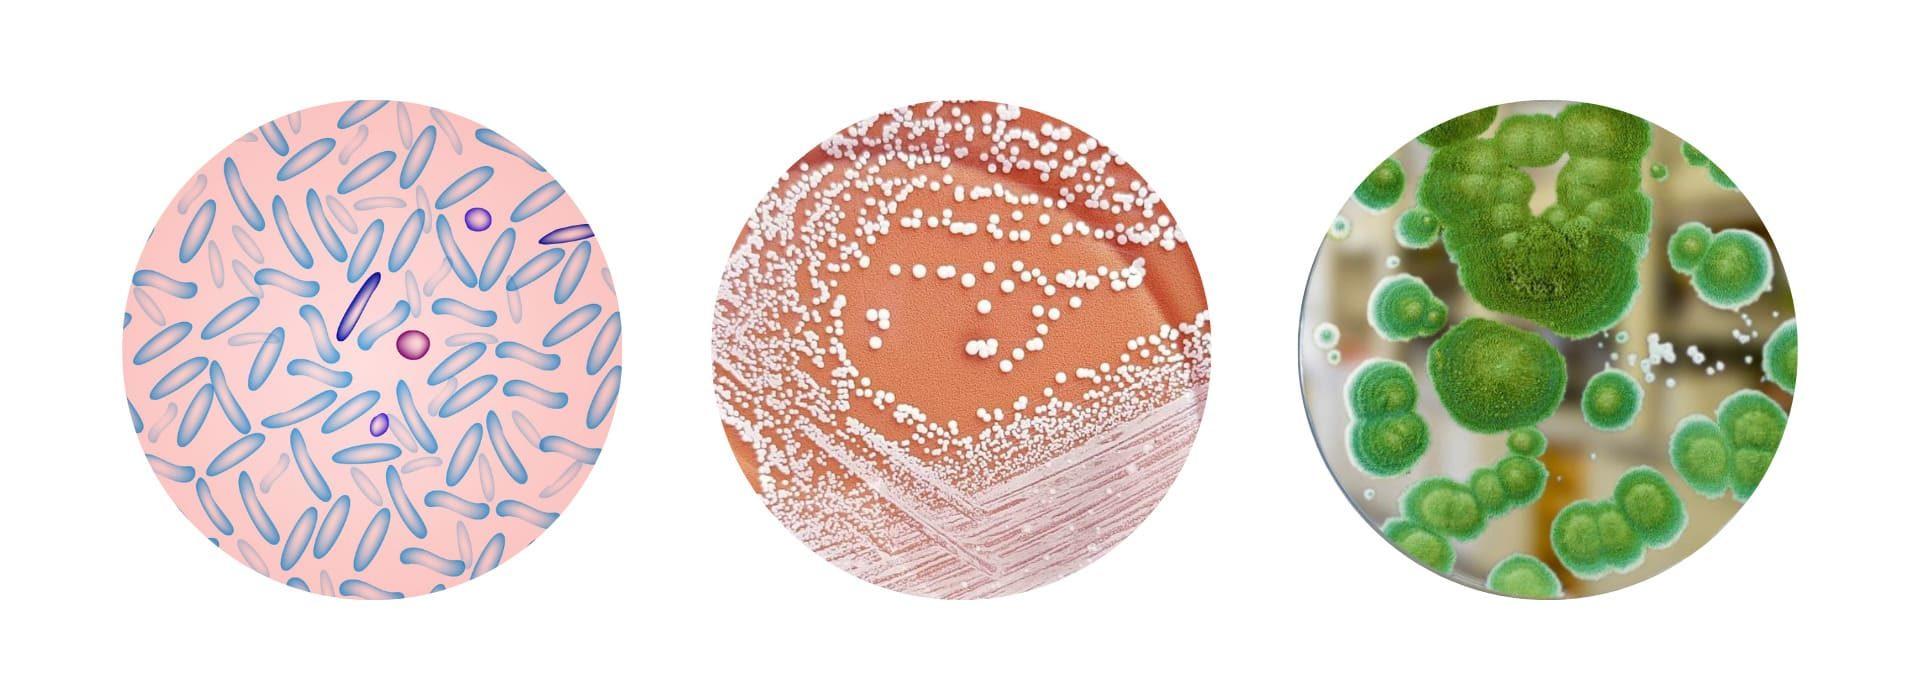 Микроорганизмы в кишечнике человека